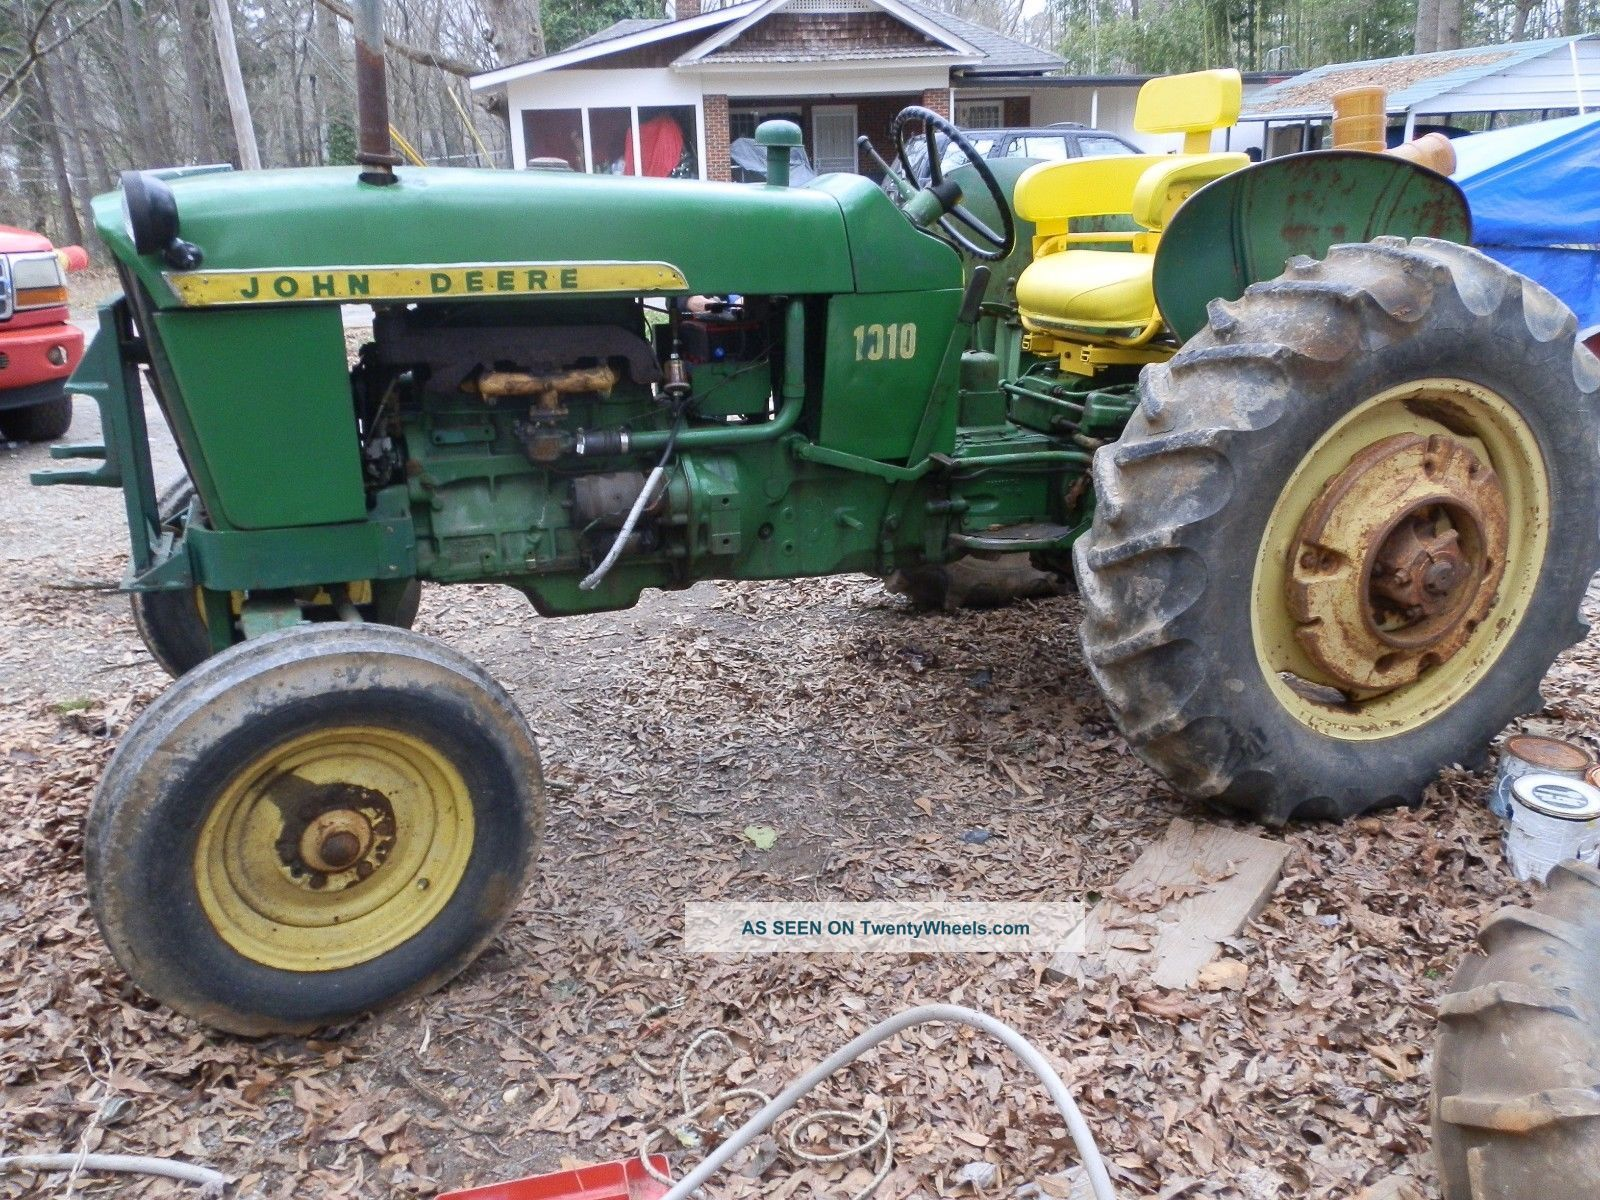 1010 John Deere Rims : John deere power wheels tractor lookup beforebuying